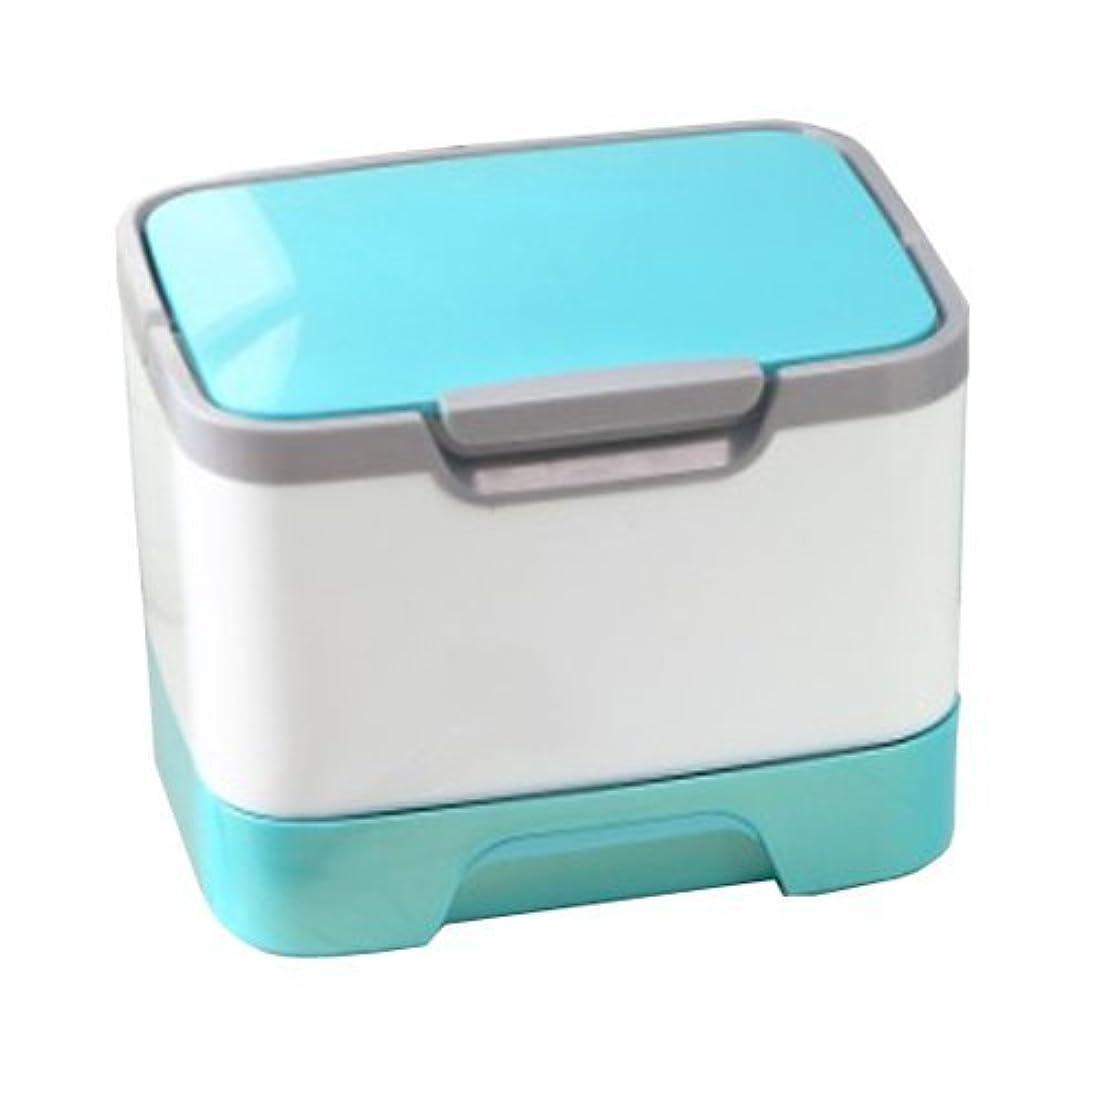 個人的なハッチ空気メイクボックス 大容量 かわいい 鏡付き プロも納得 コスメの収納に (ピンク、ブルー、グリーン)